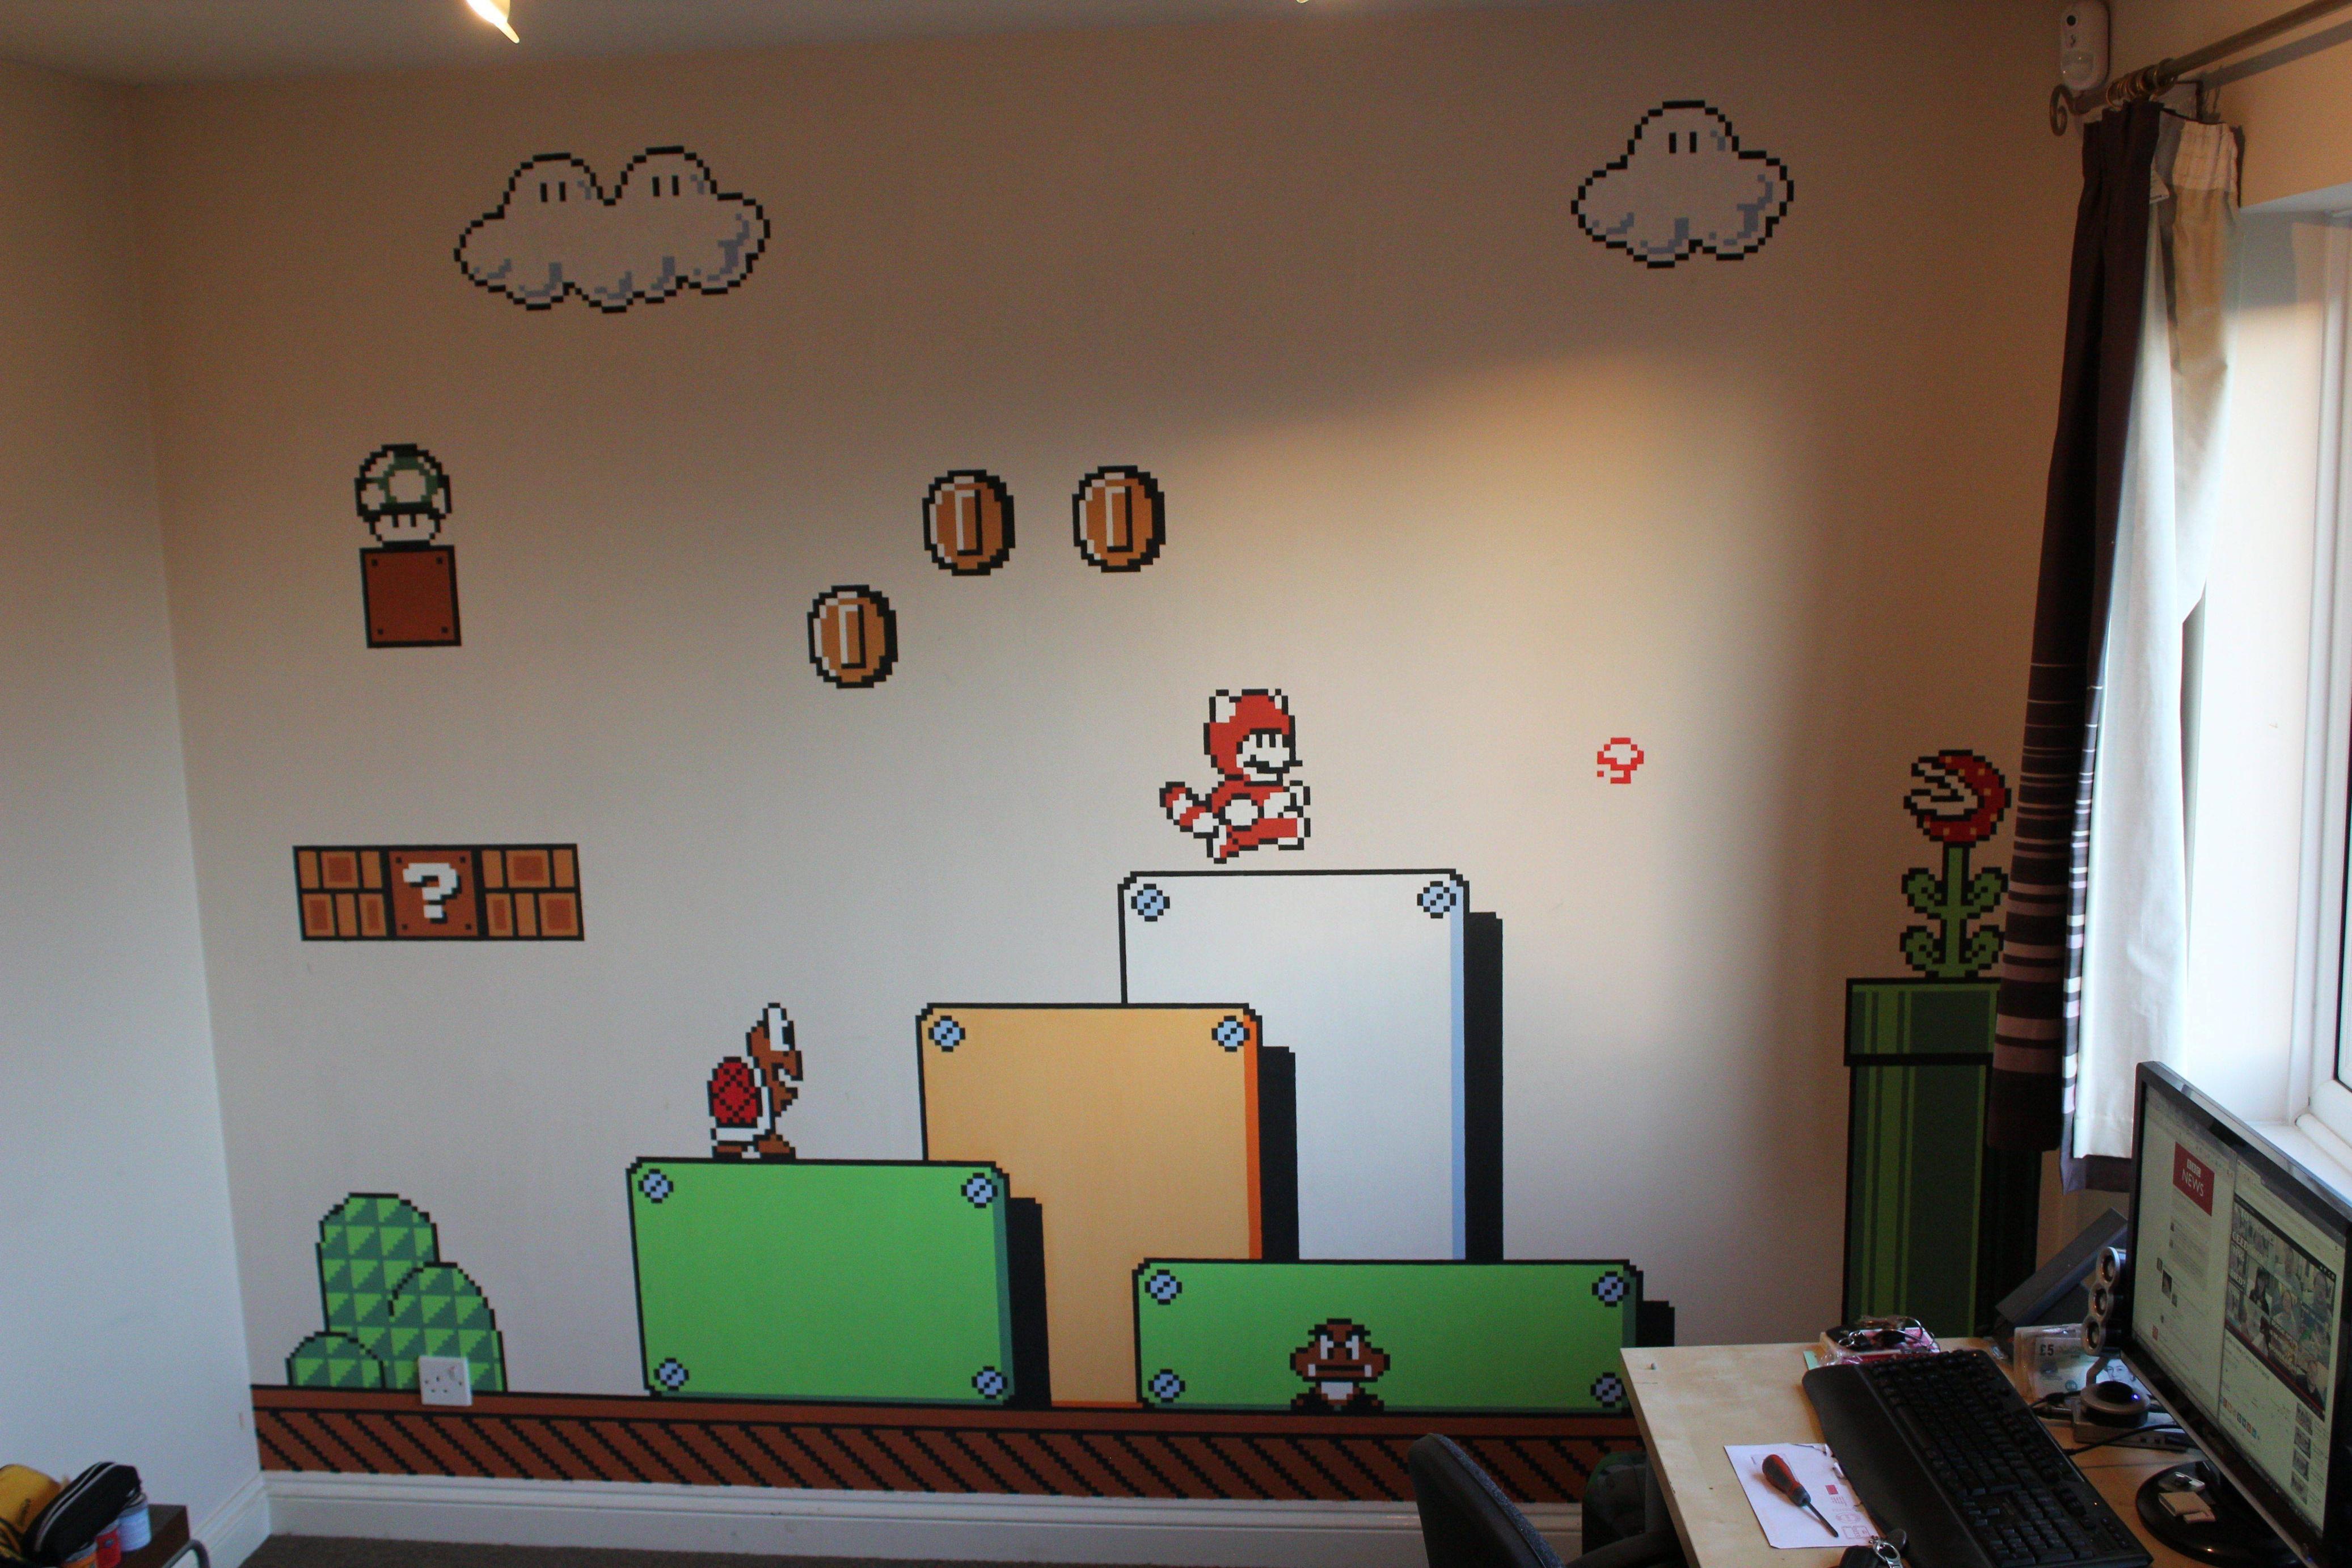 Supermariobros3 Art Via Reddit User Cbromley Wall